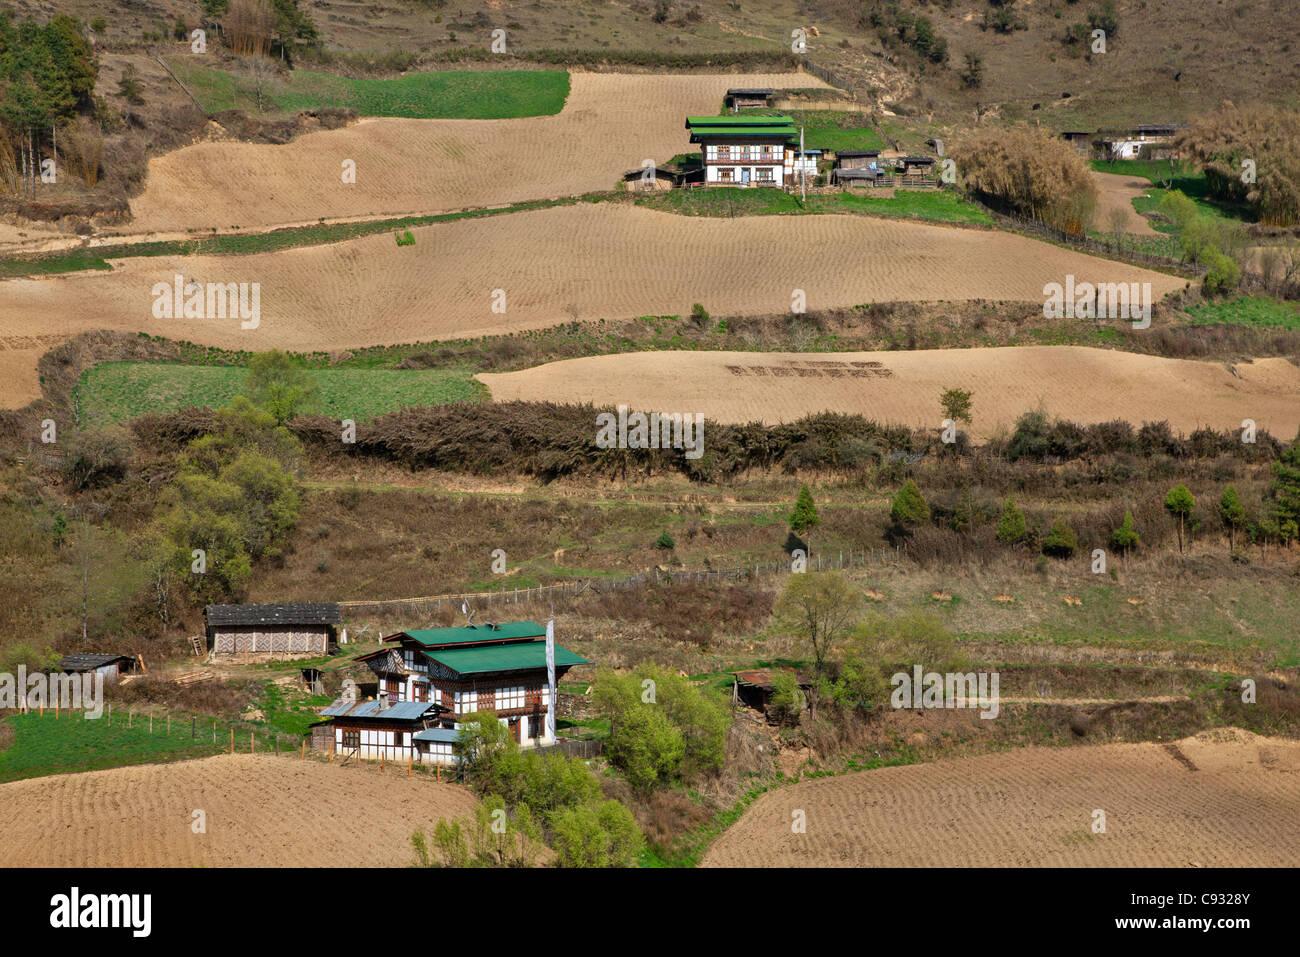 Les fermes de la vallée de Phobjikha fertile. Photo Stock